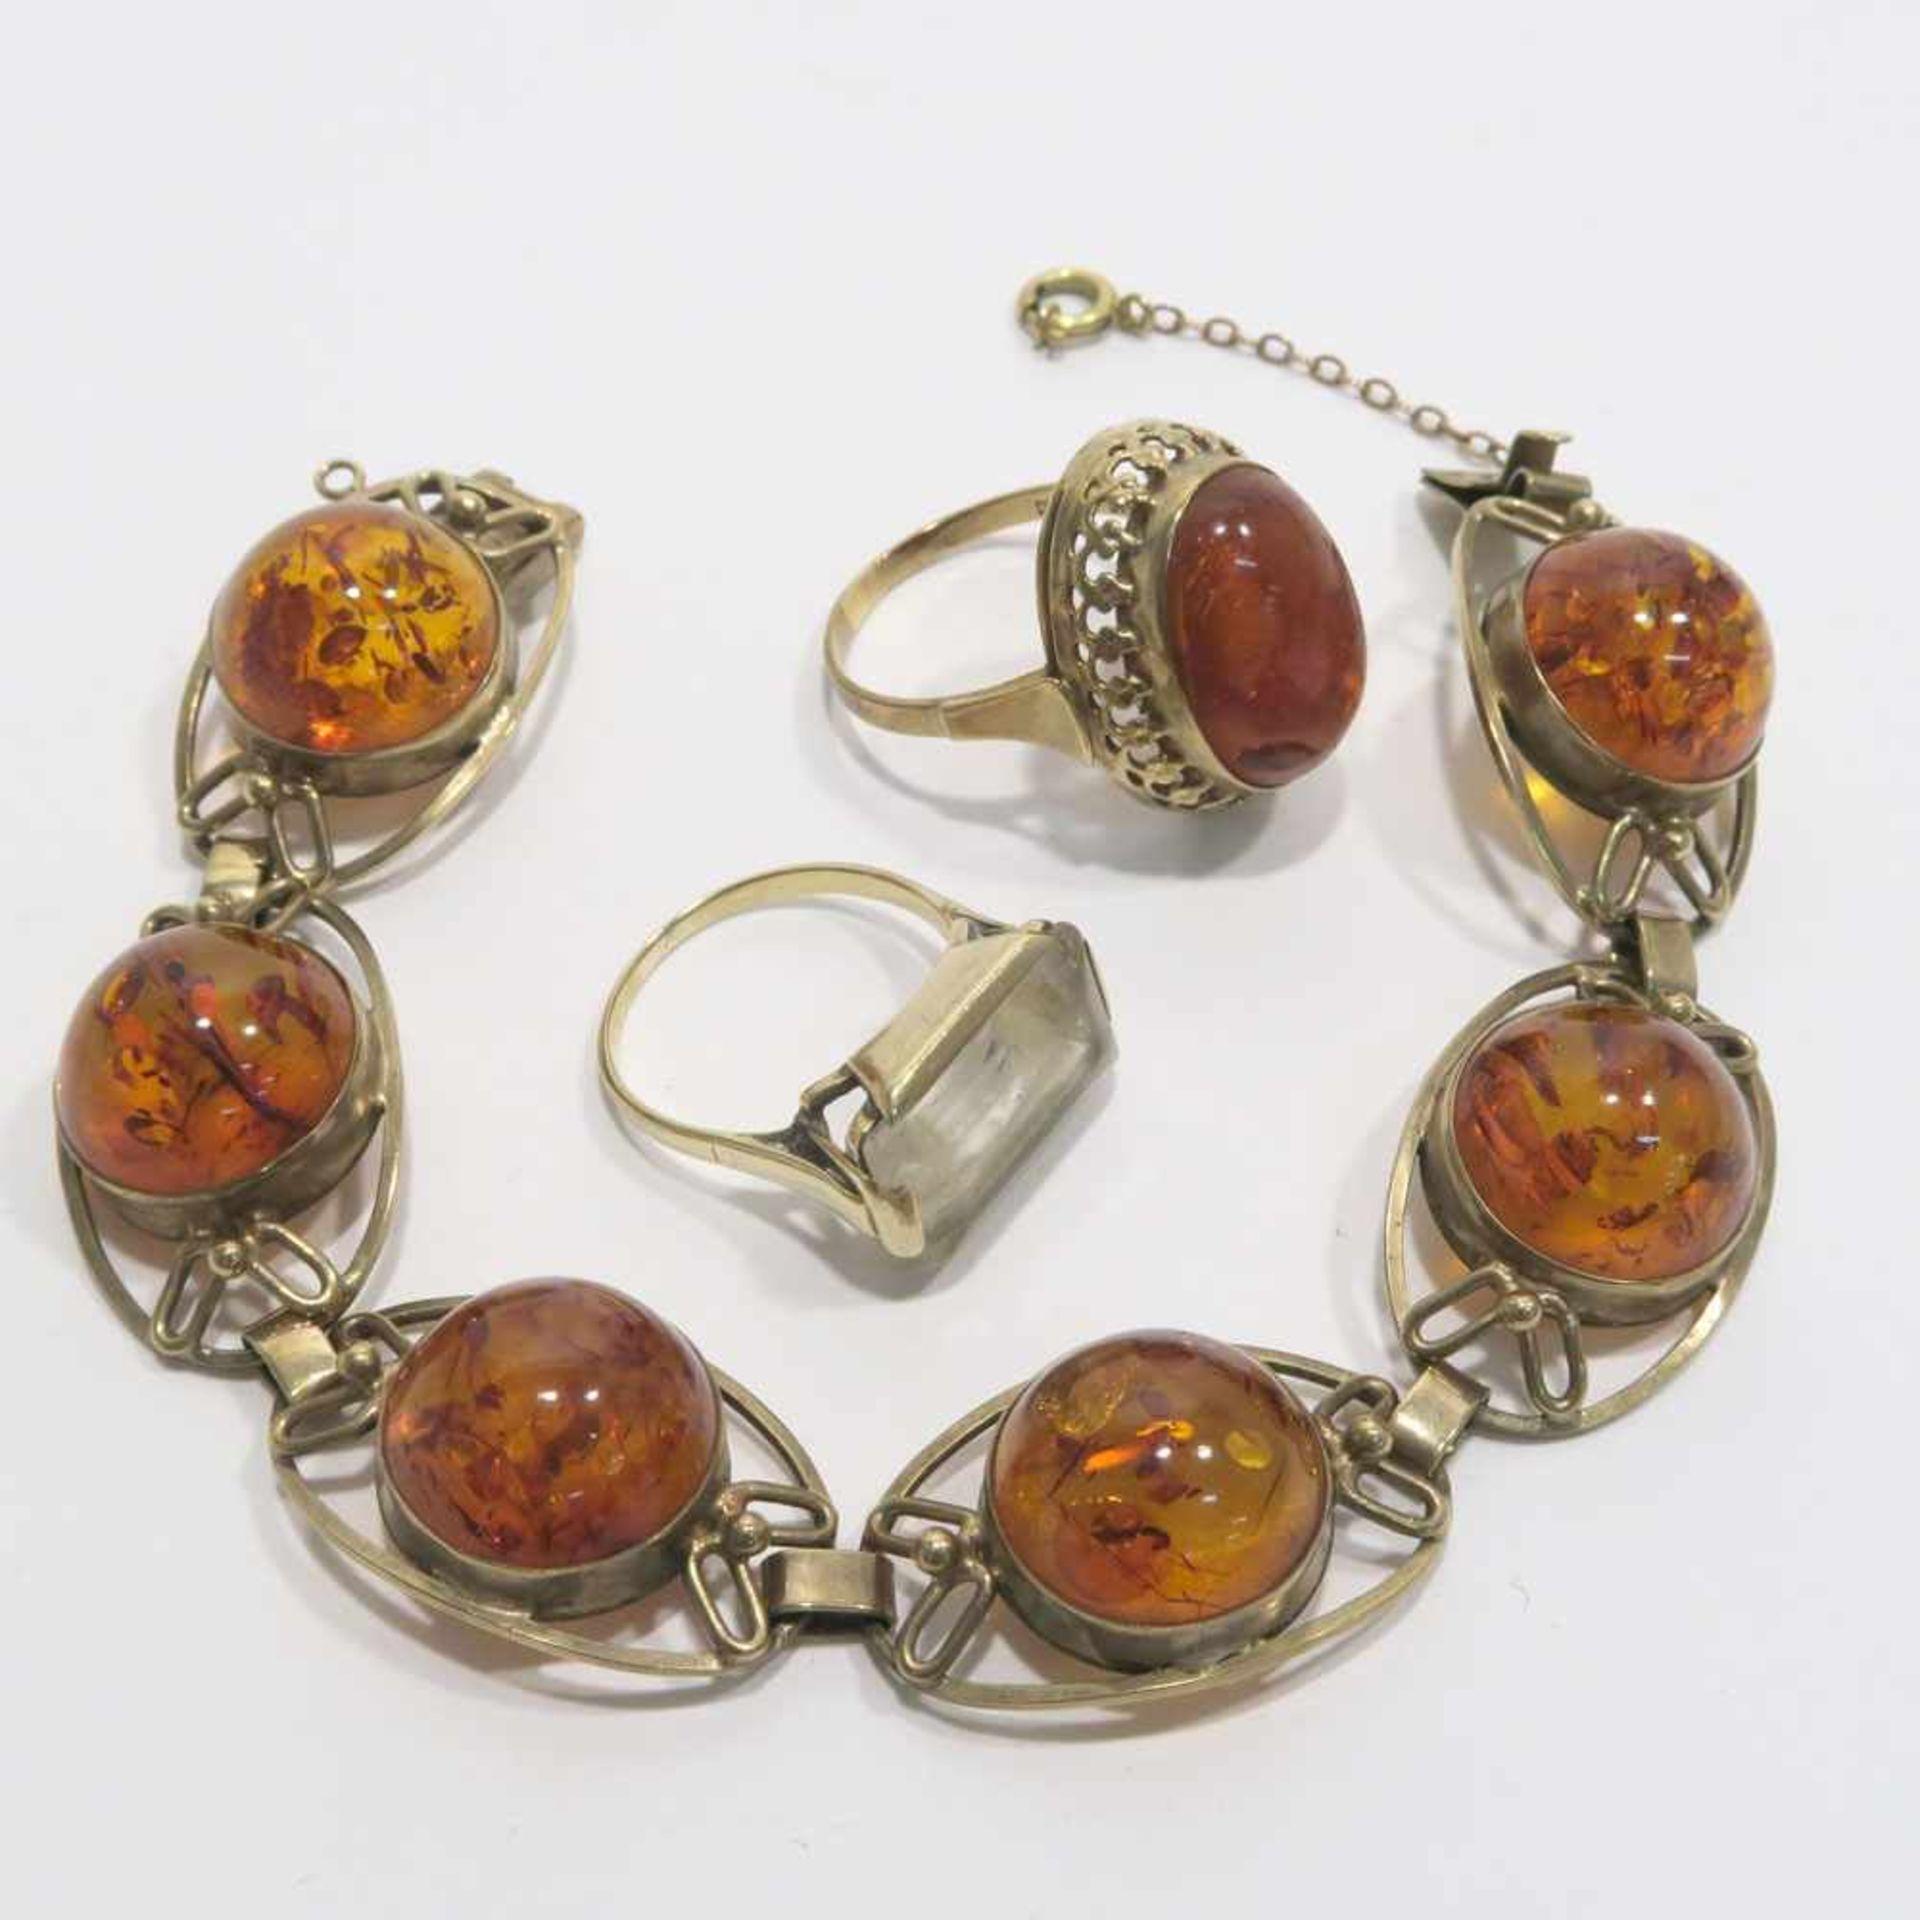 Los 59 - Armband und zwei Ringe8 K GG, Marken (333). Armband und ein Ring mit Bernstein-Cabochons bzw. ein